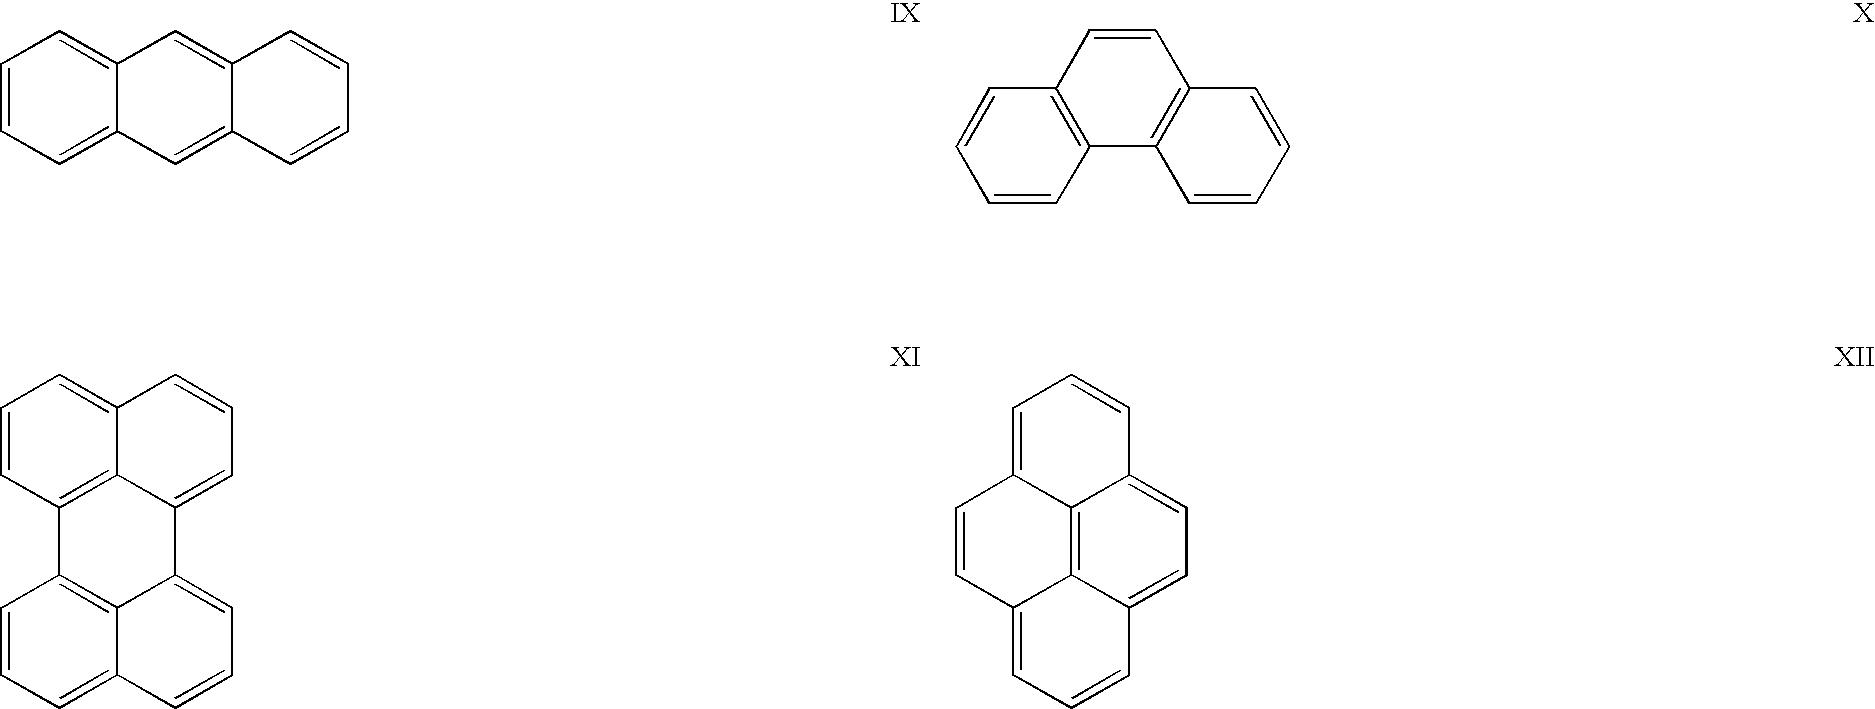 Figure US20050025993A1-20050203-C00002